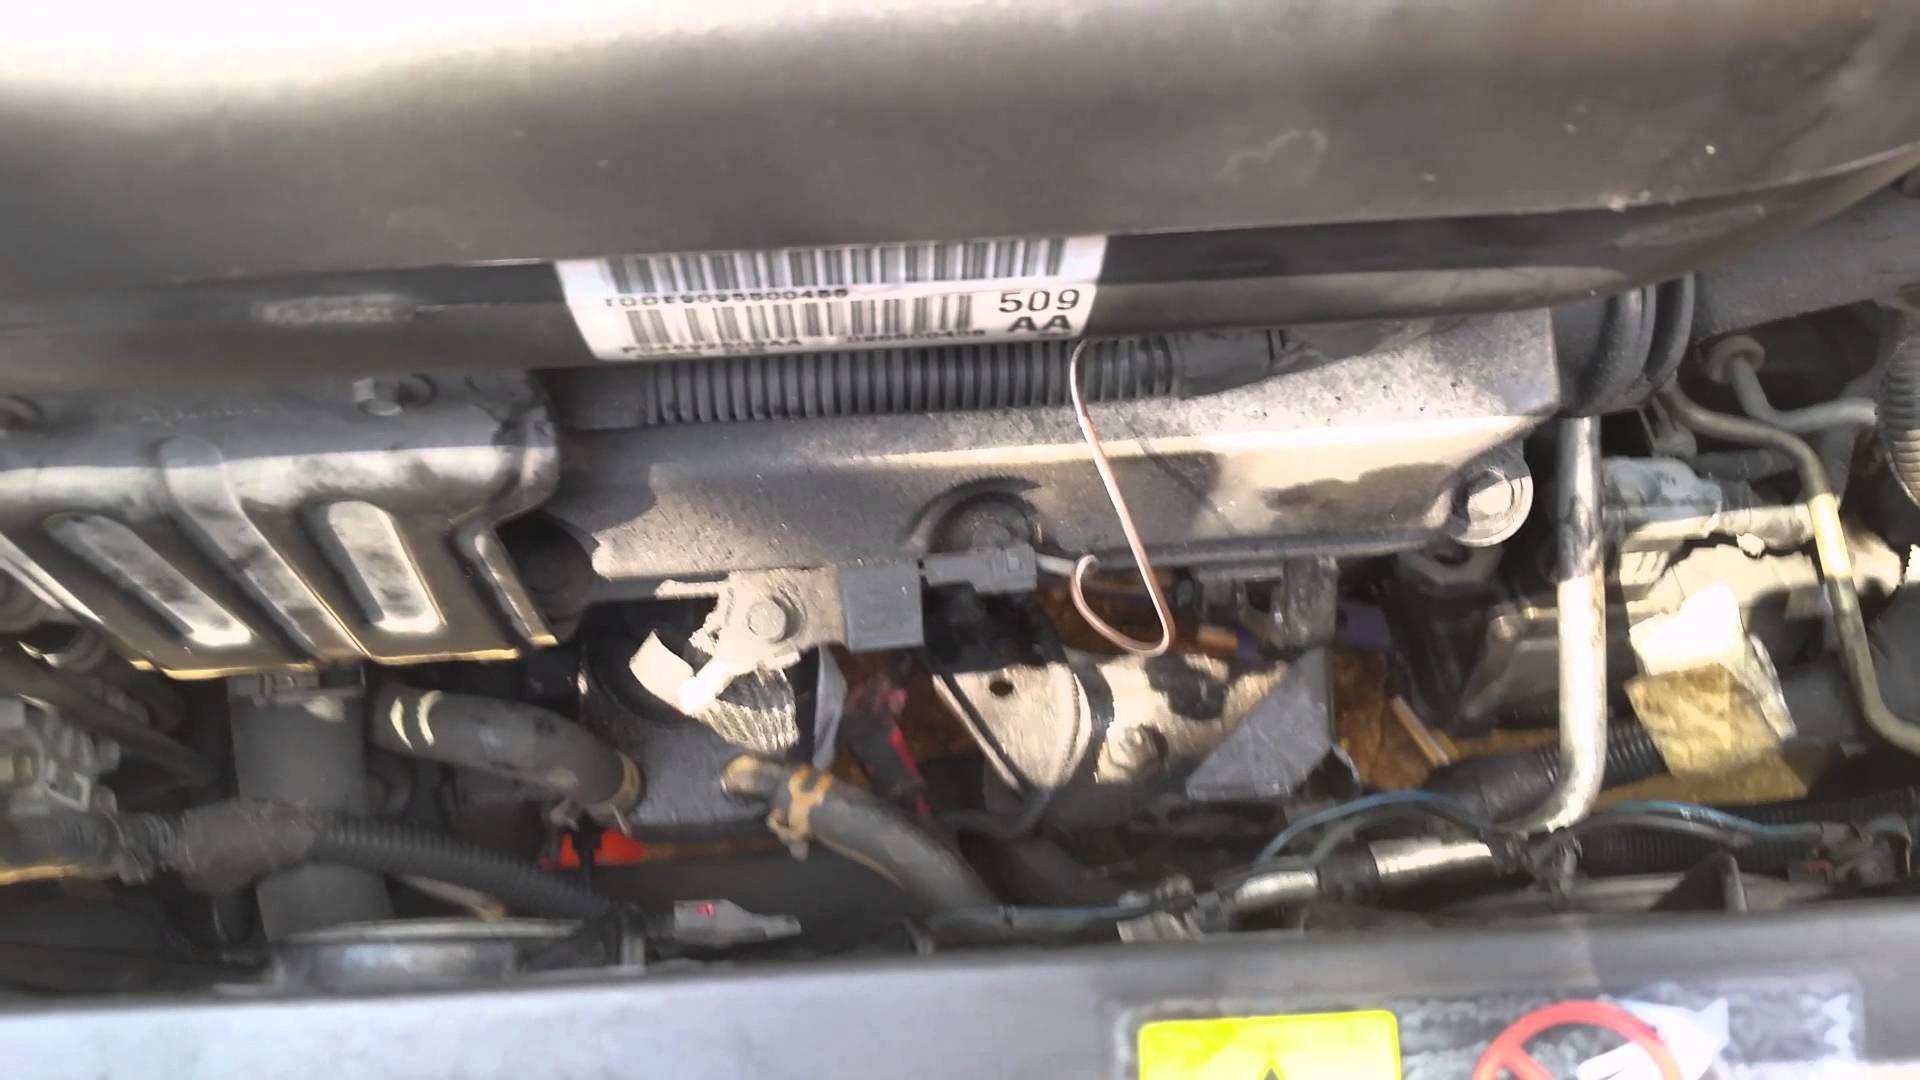 2004 Chrysler Pacifica Engine Diagram Replacing A Starter On A 2005 Chrysler Pacifica Of 2004 Chrysler Pacifica Engine Diagram